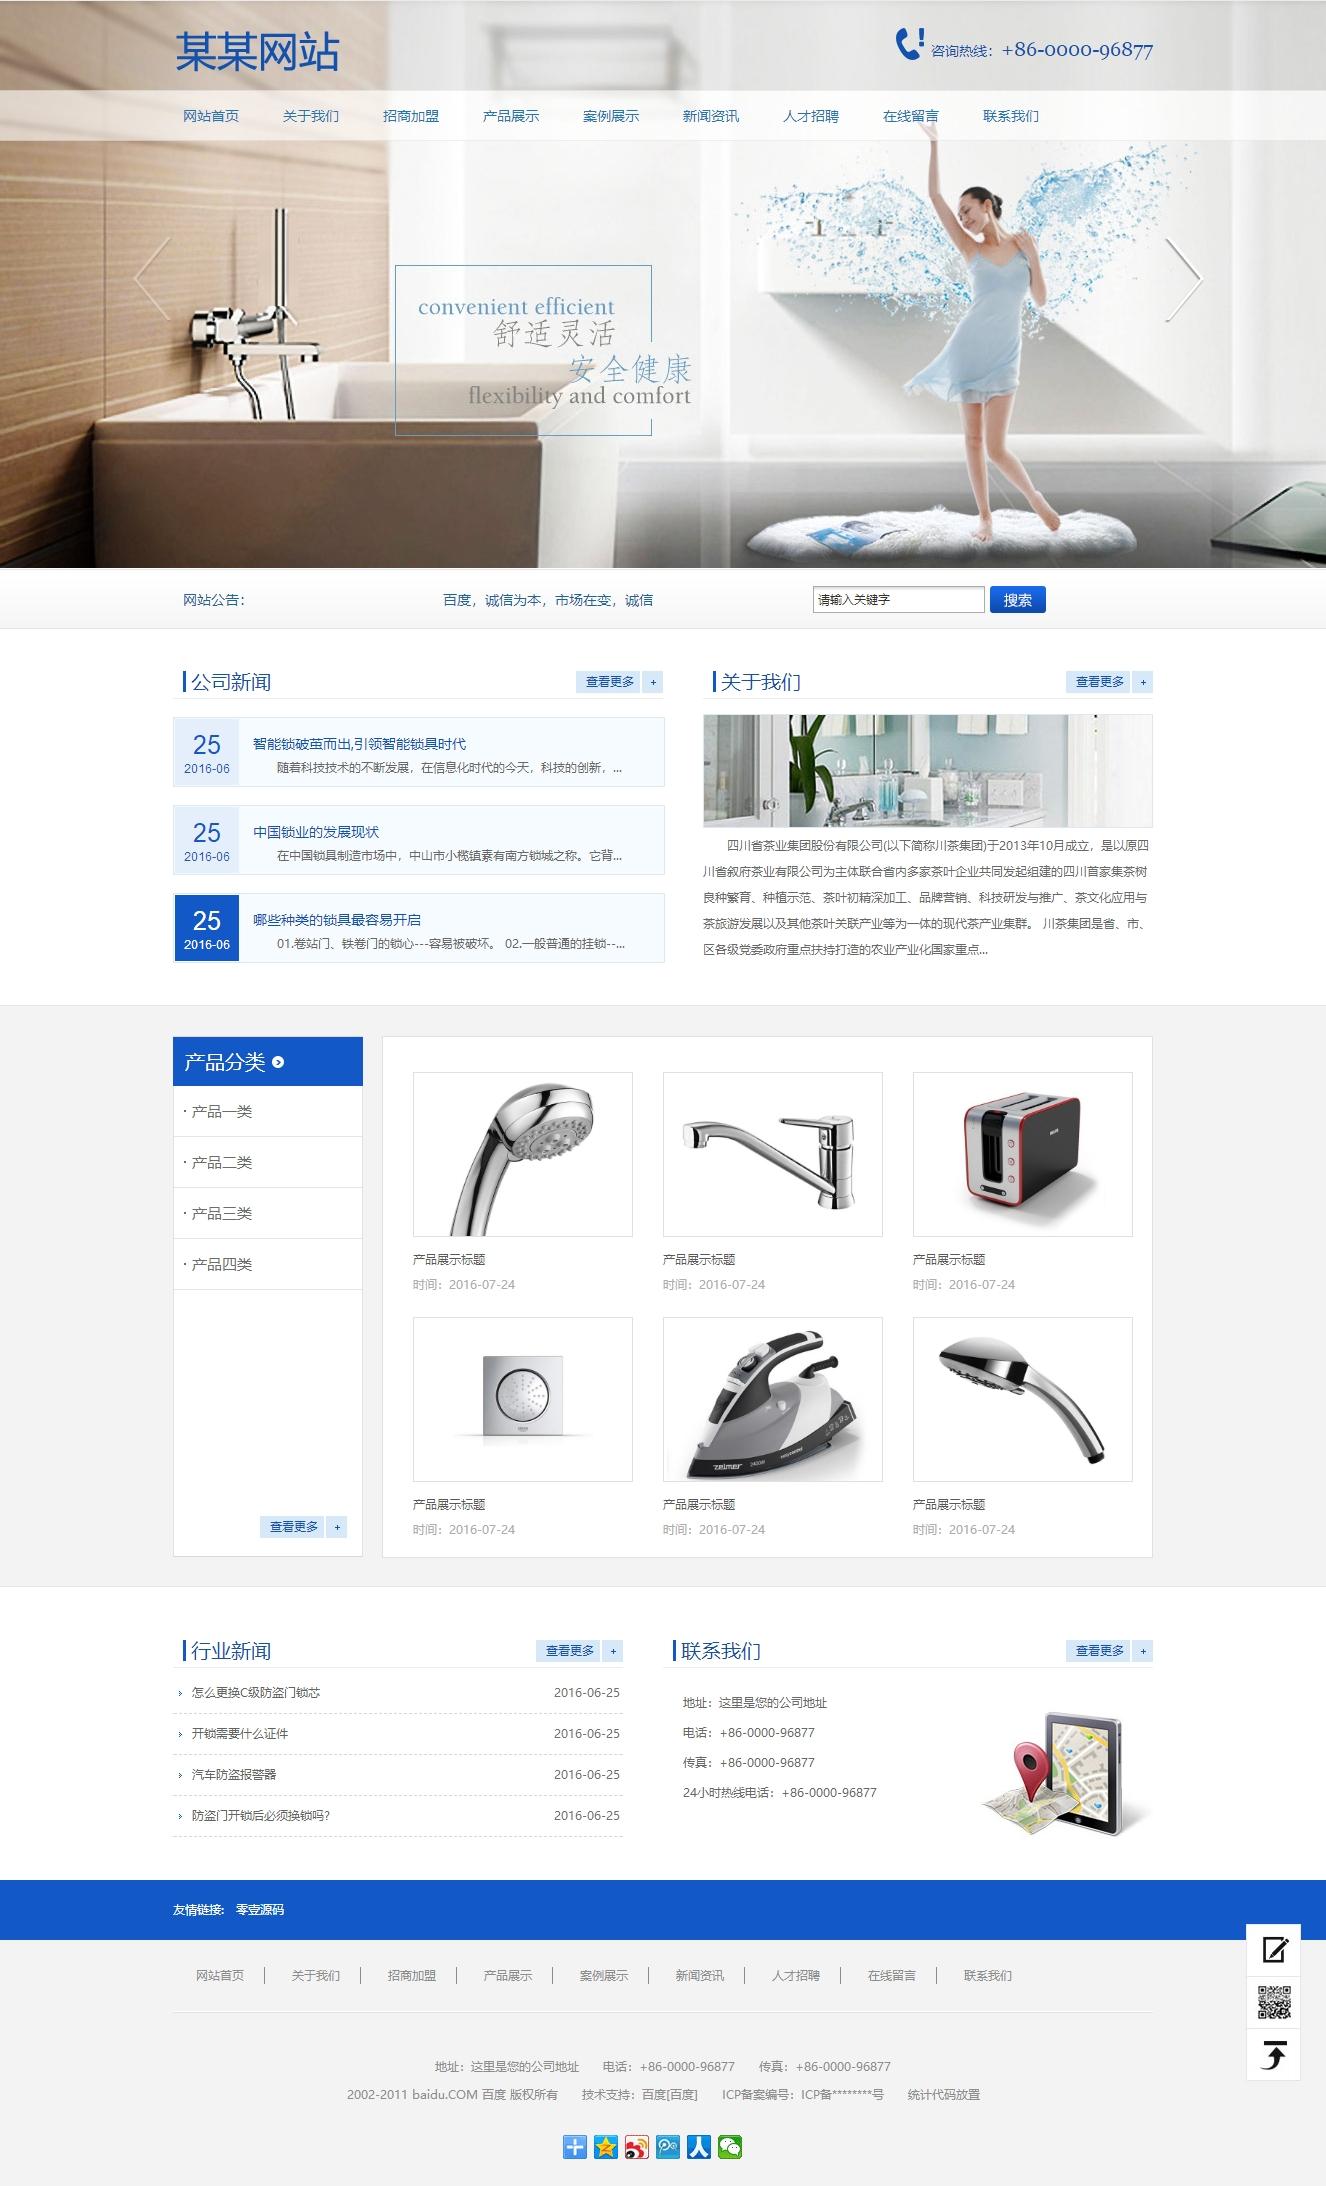 家庭家用电器类网站织梦dedecms模板(带手机端)